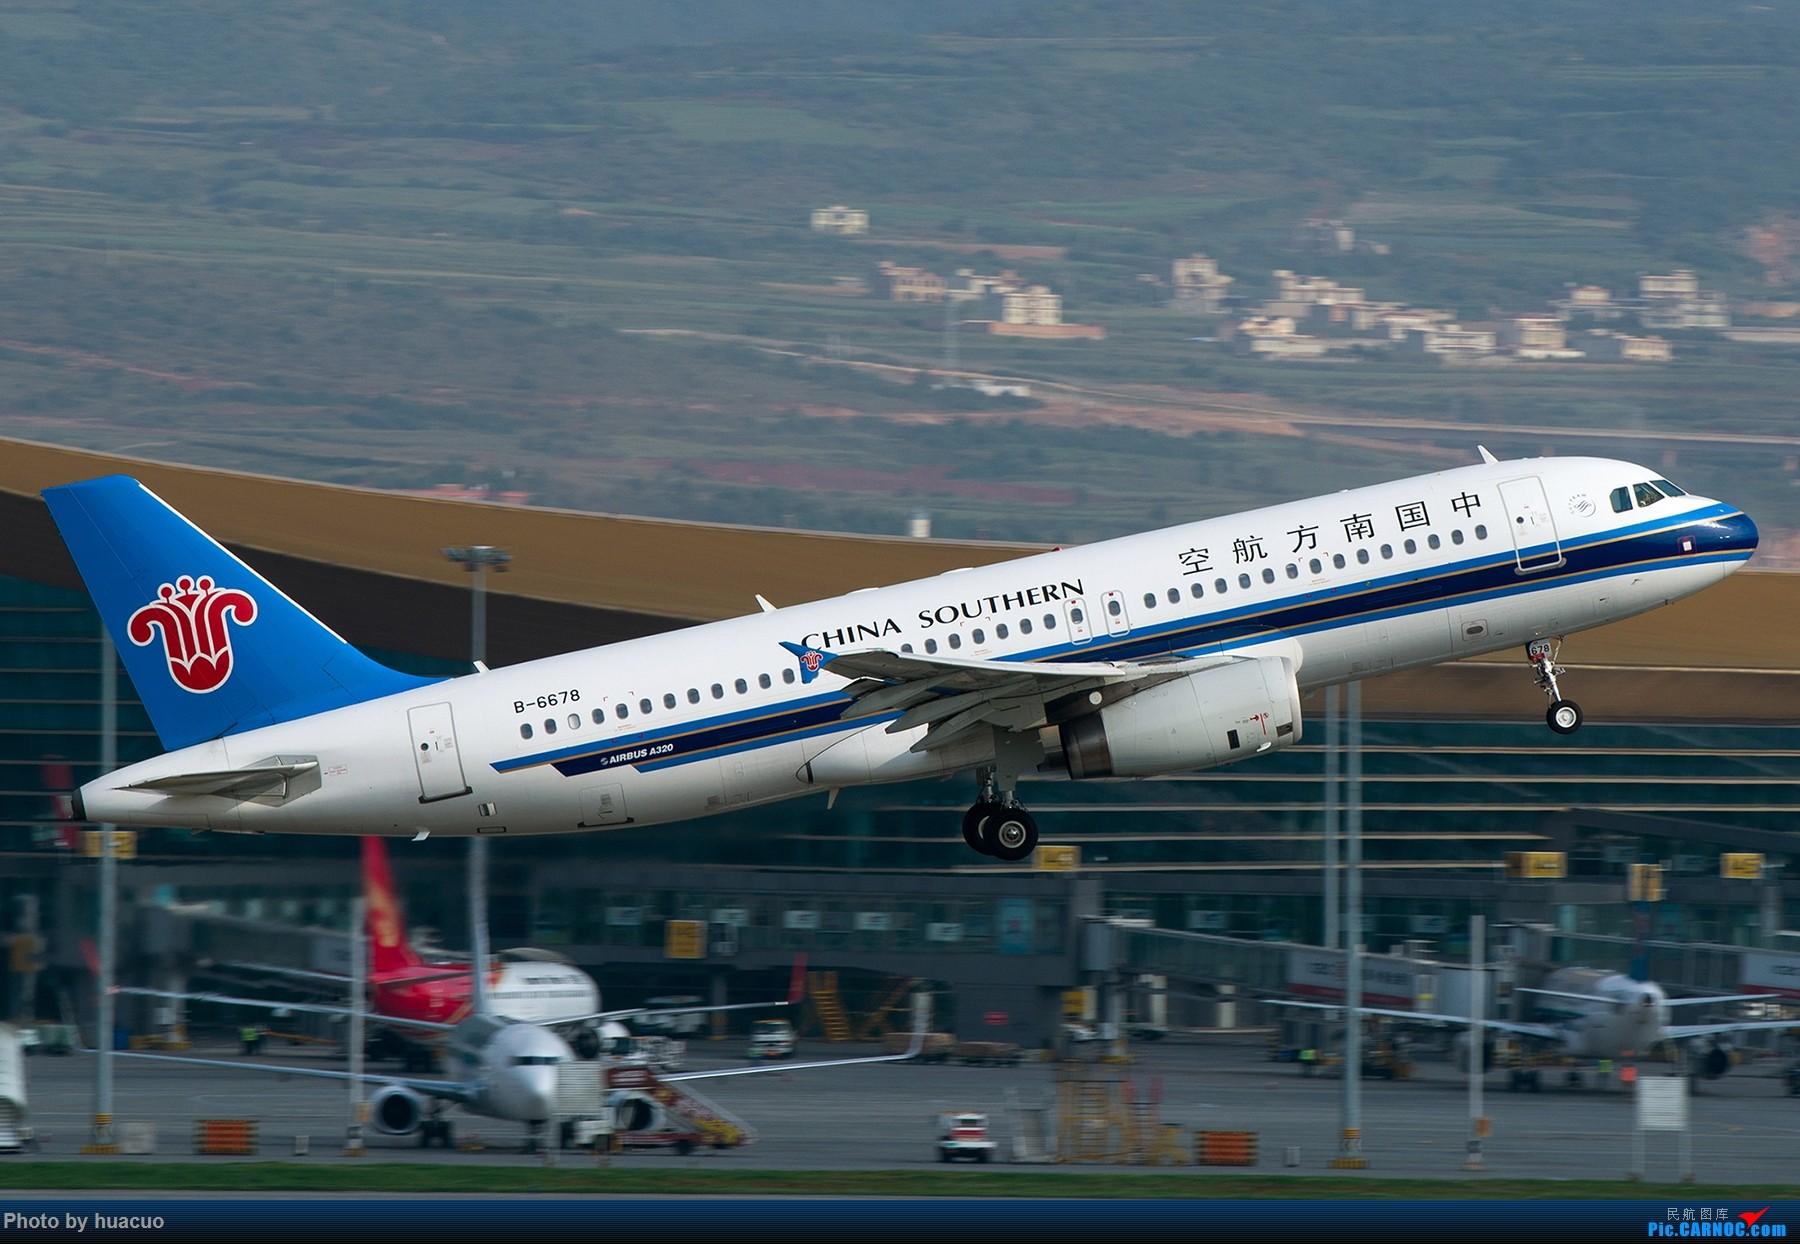 Re:[原创]【KMG】昆明机场日常 AIRBUS A320-200 B-6678 中国昆明长水国际机场